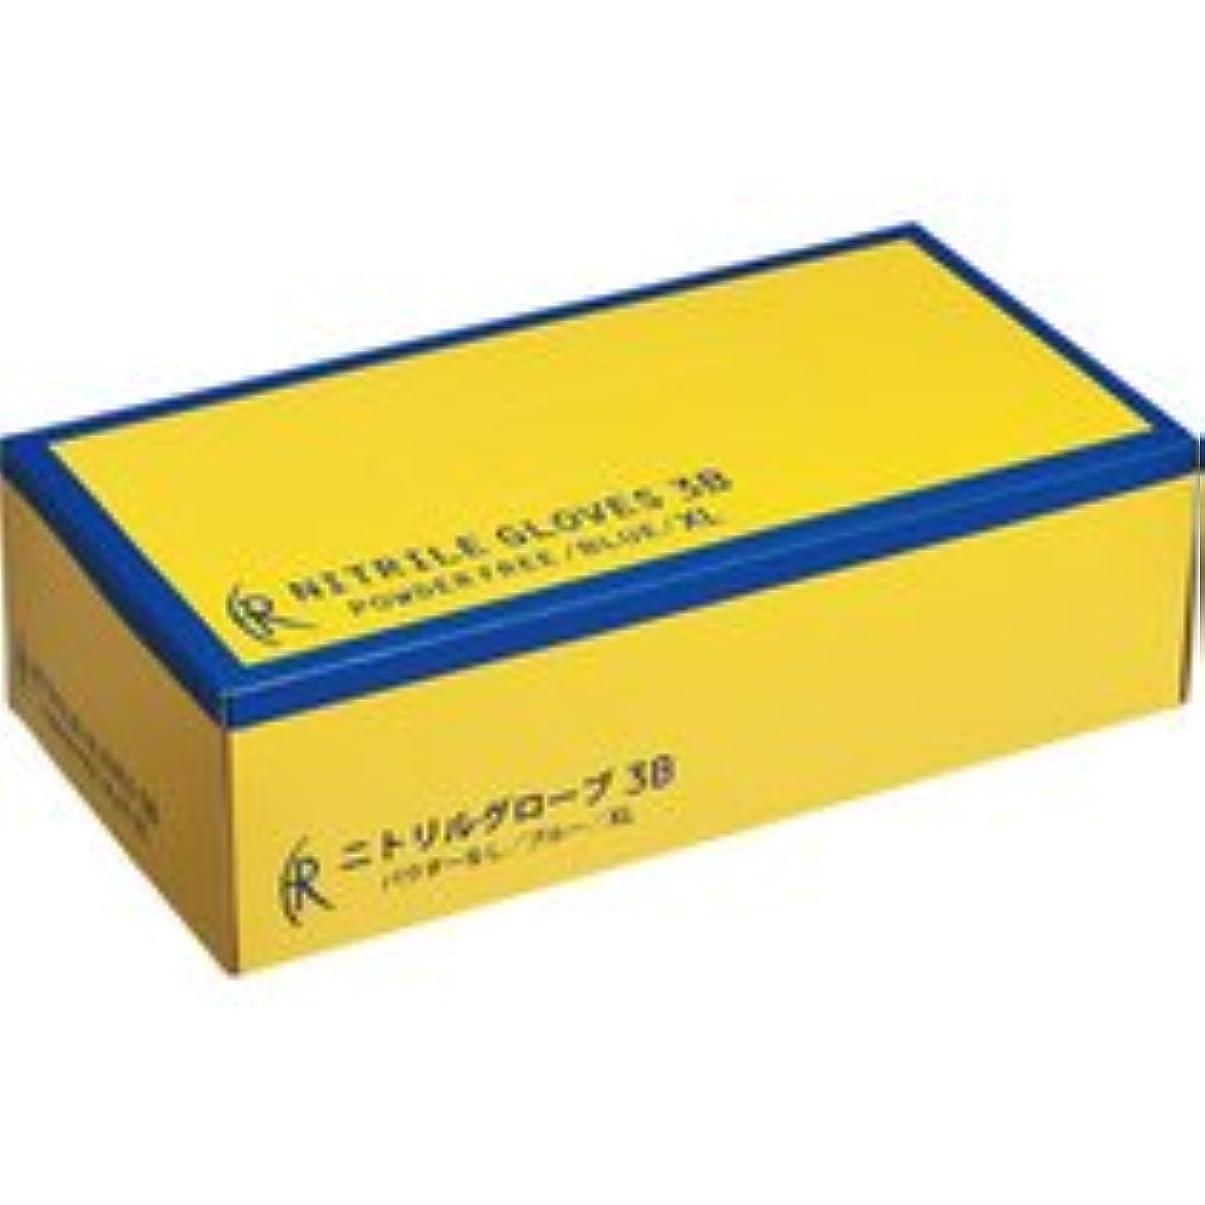 肺炎ヘッジ求人ファーストレイト ニトリルグローブ3B パウダーフリー XL FR-5664 1箱(200枚)